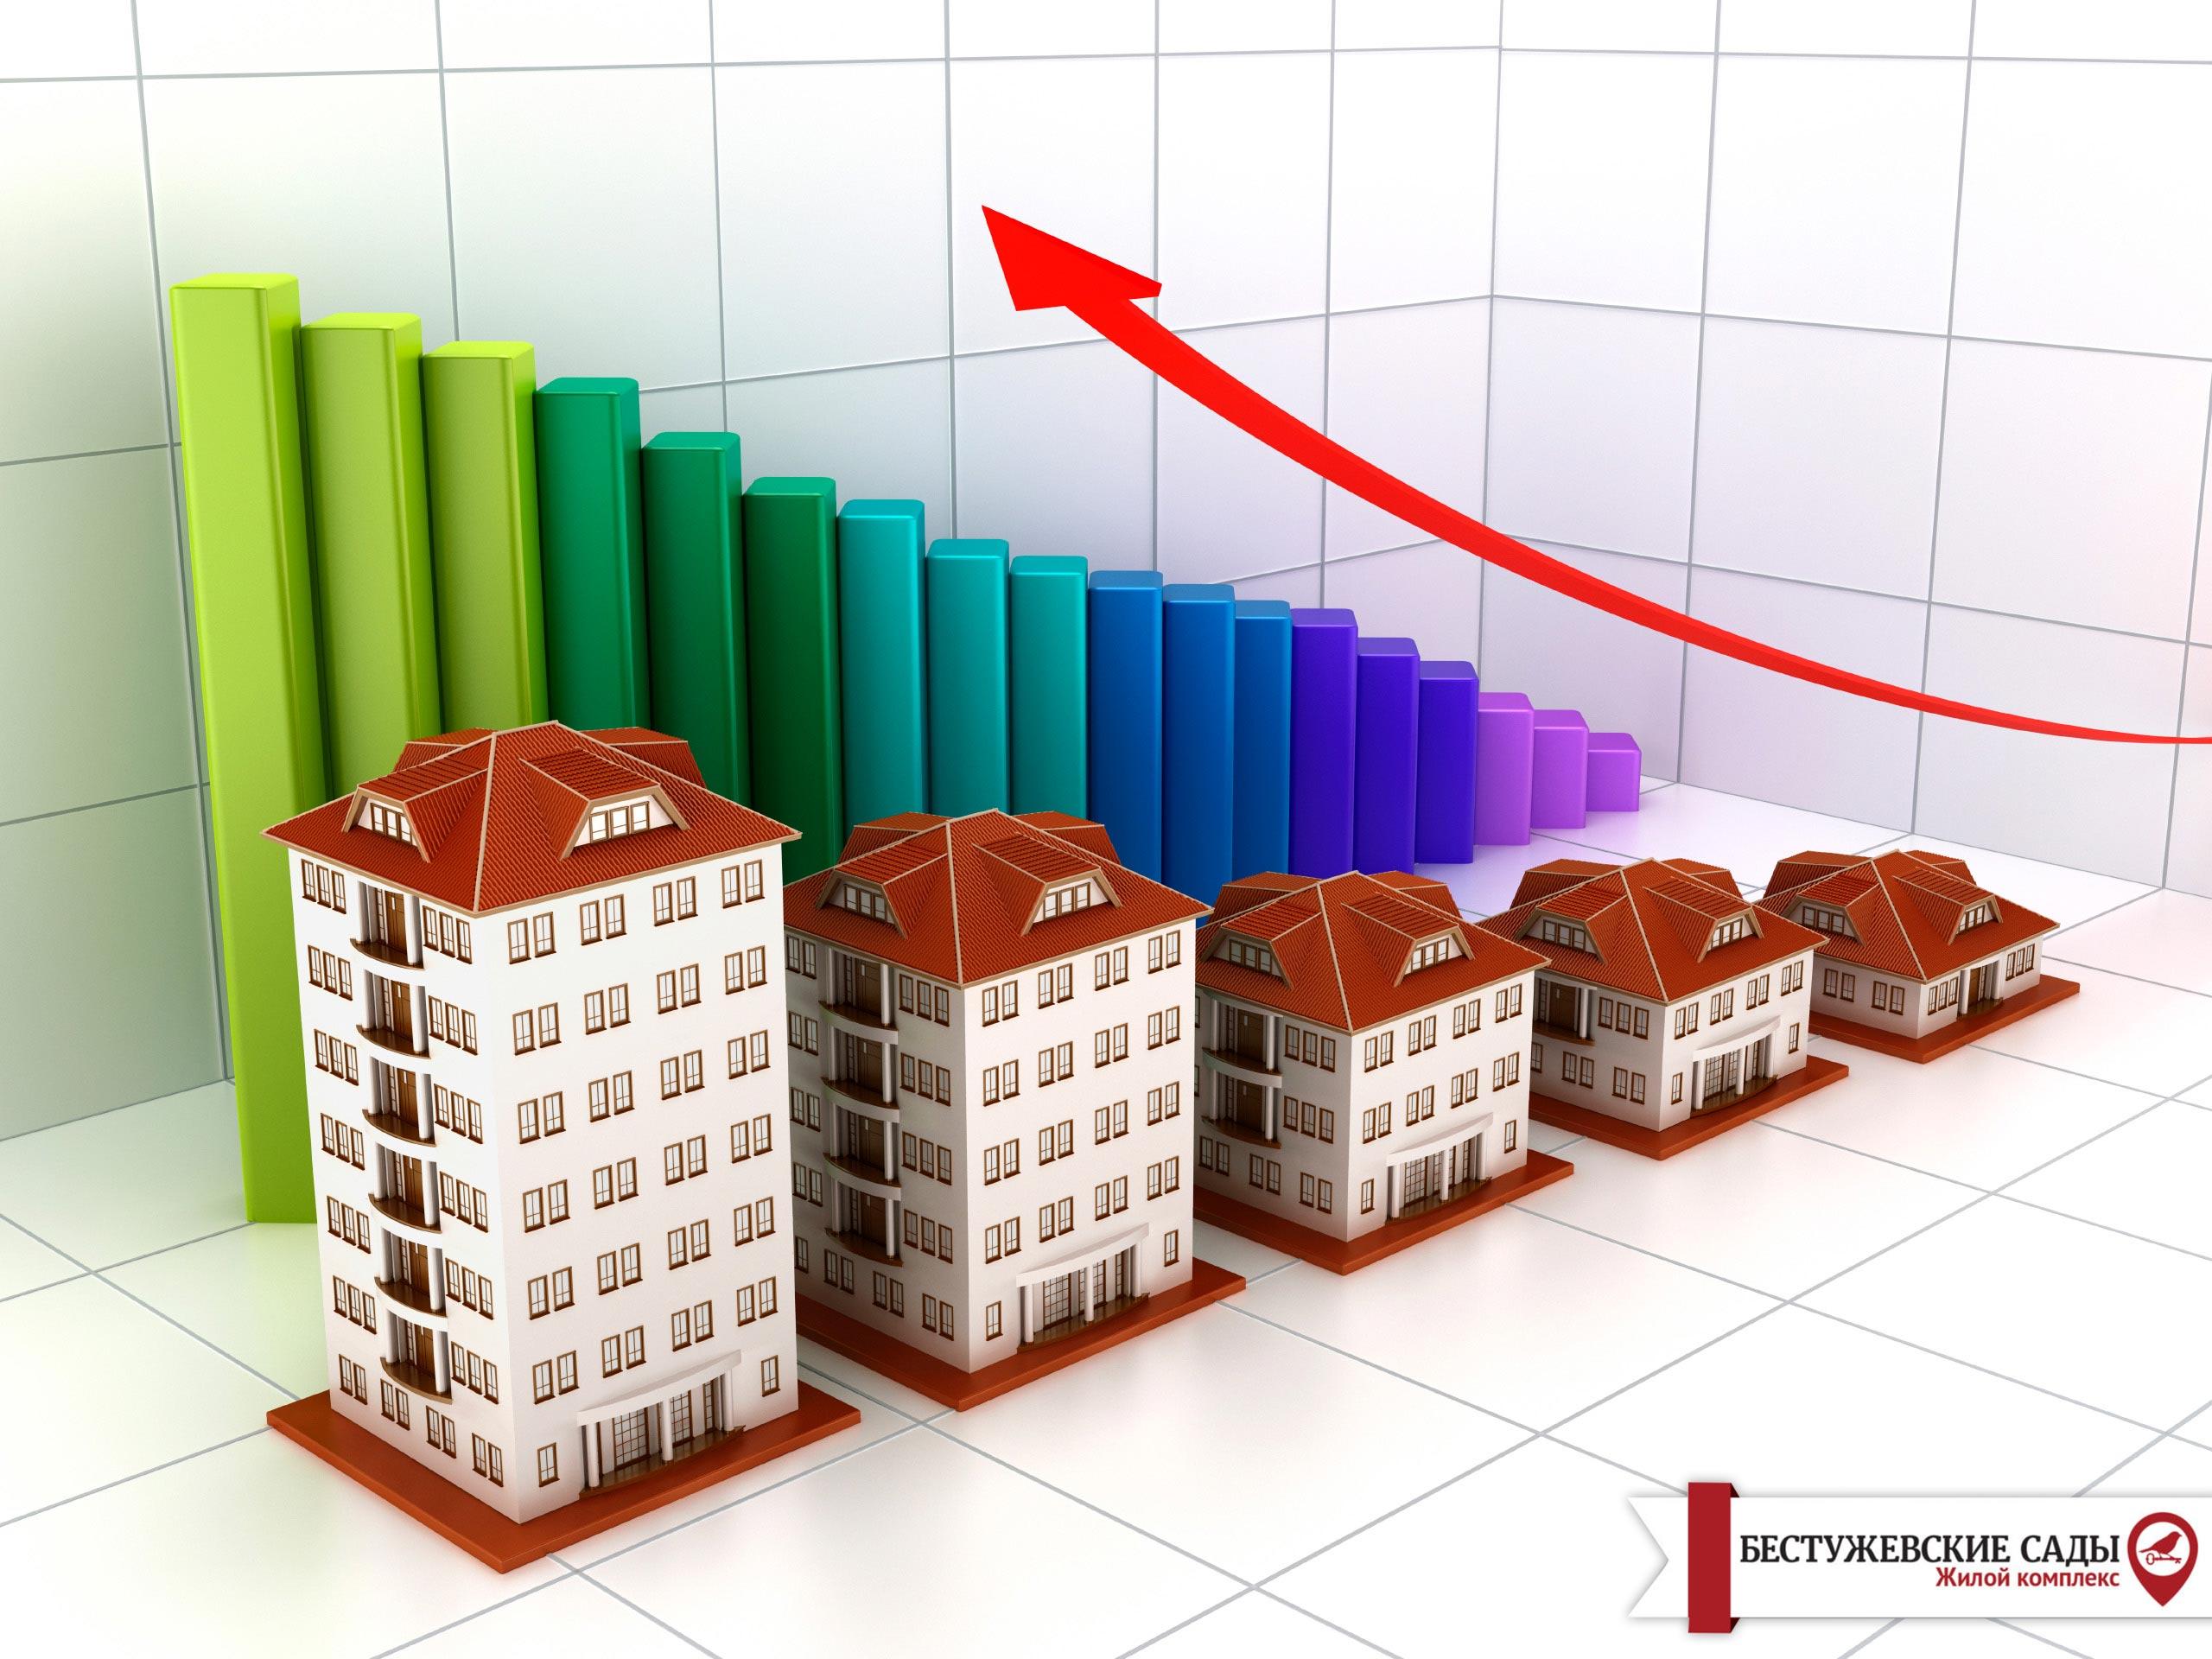 Аналіз ринку нерухомості на 2020 рік.